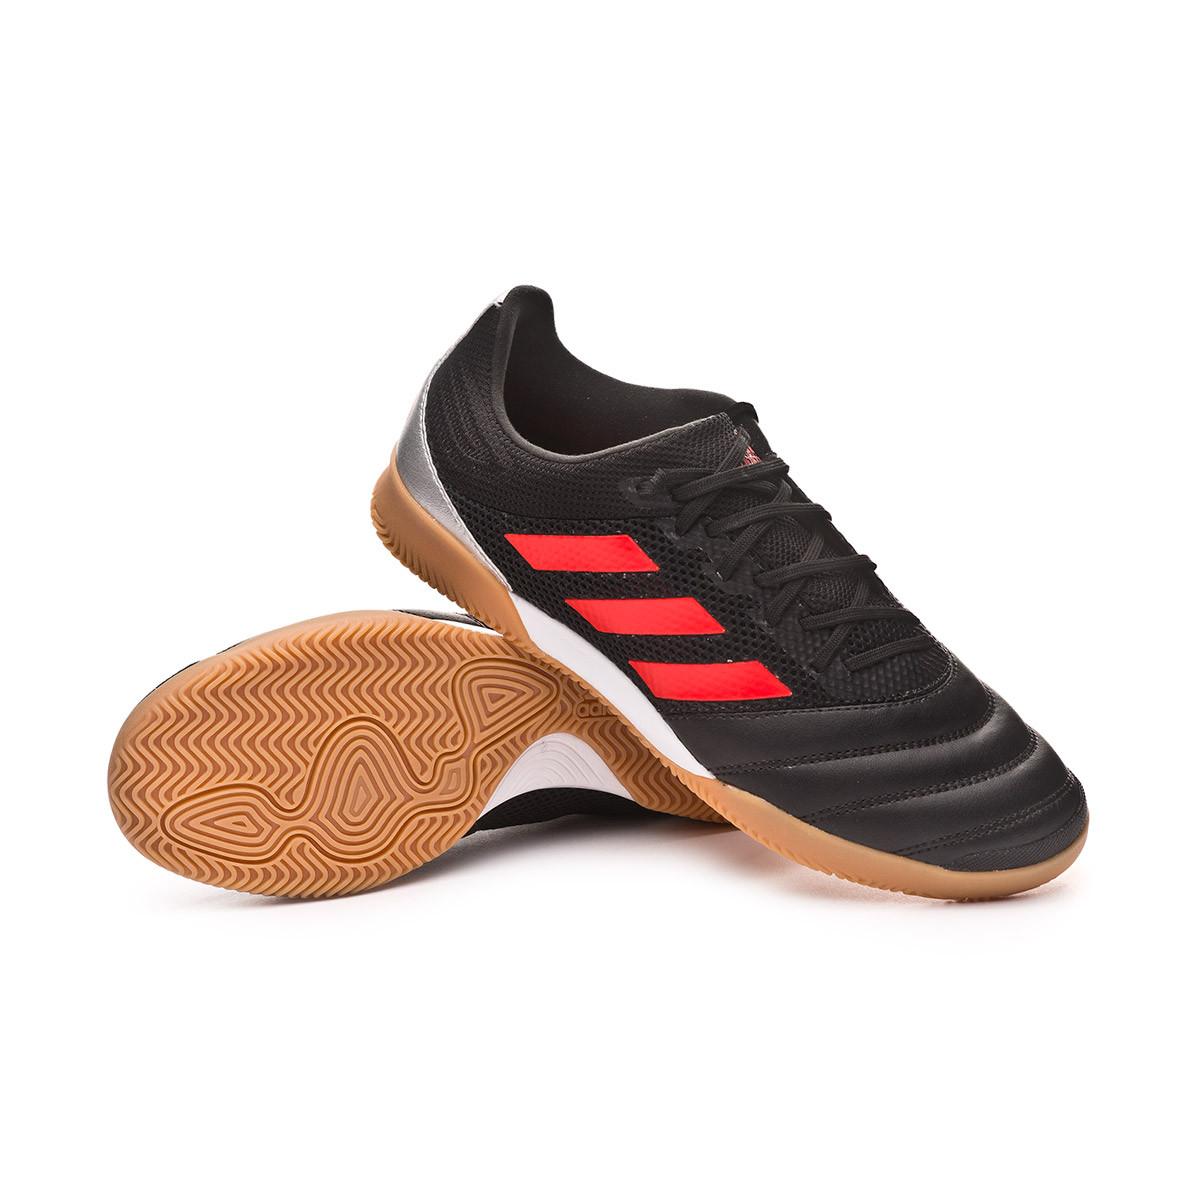 Chaussure de futsal adidas Copa 19.3 IN Sala